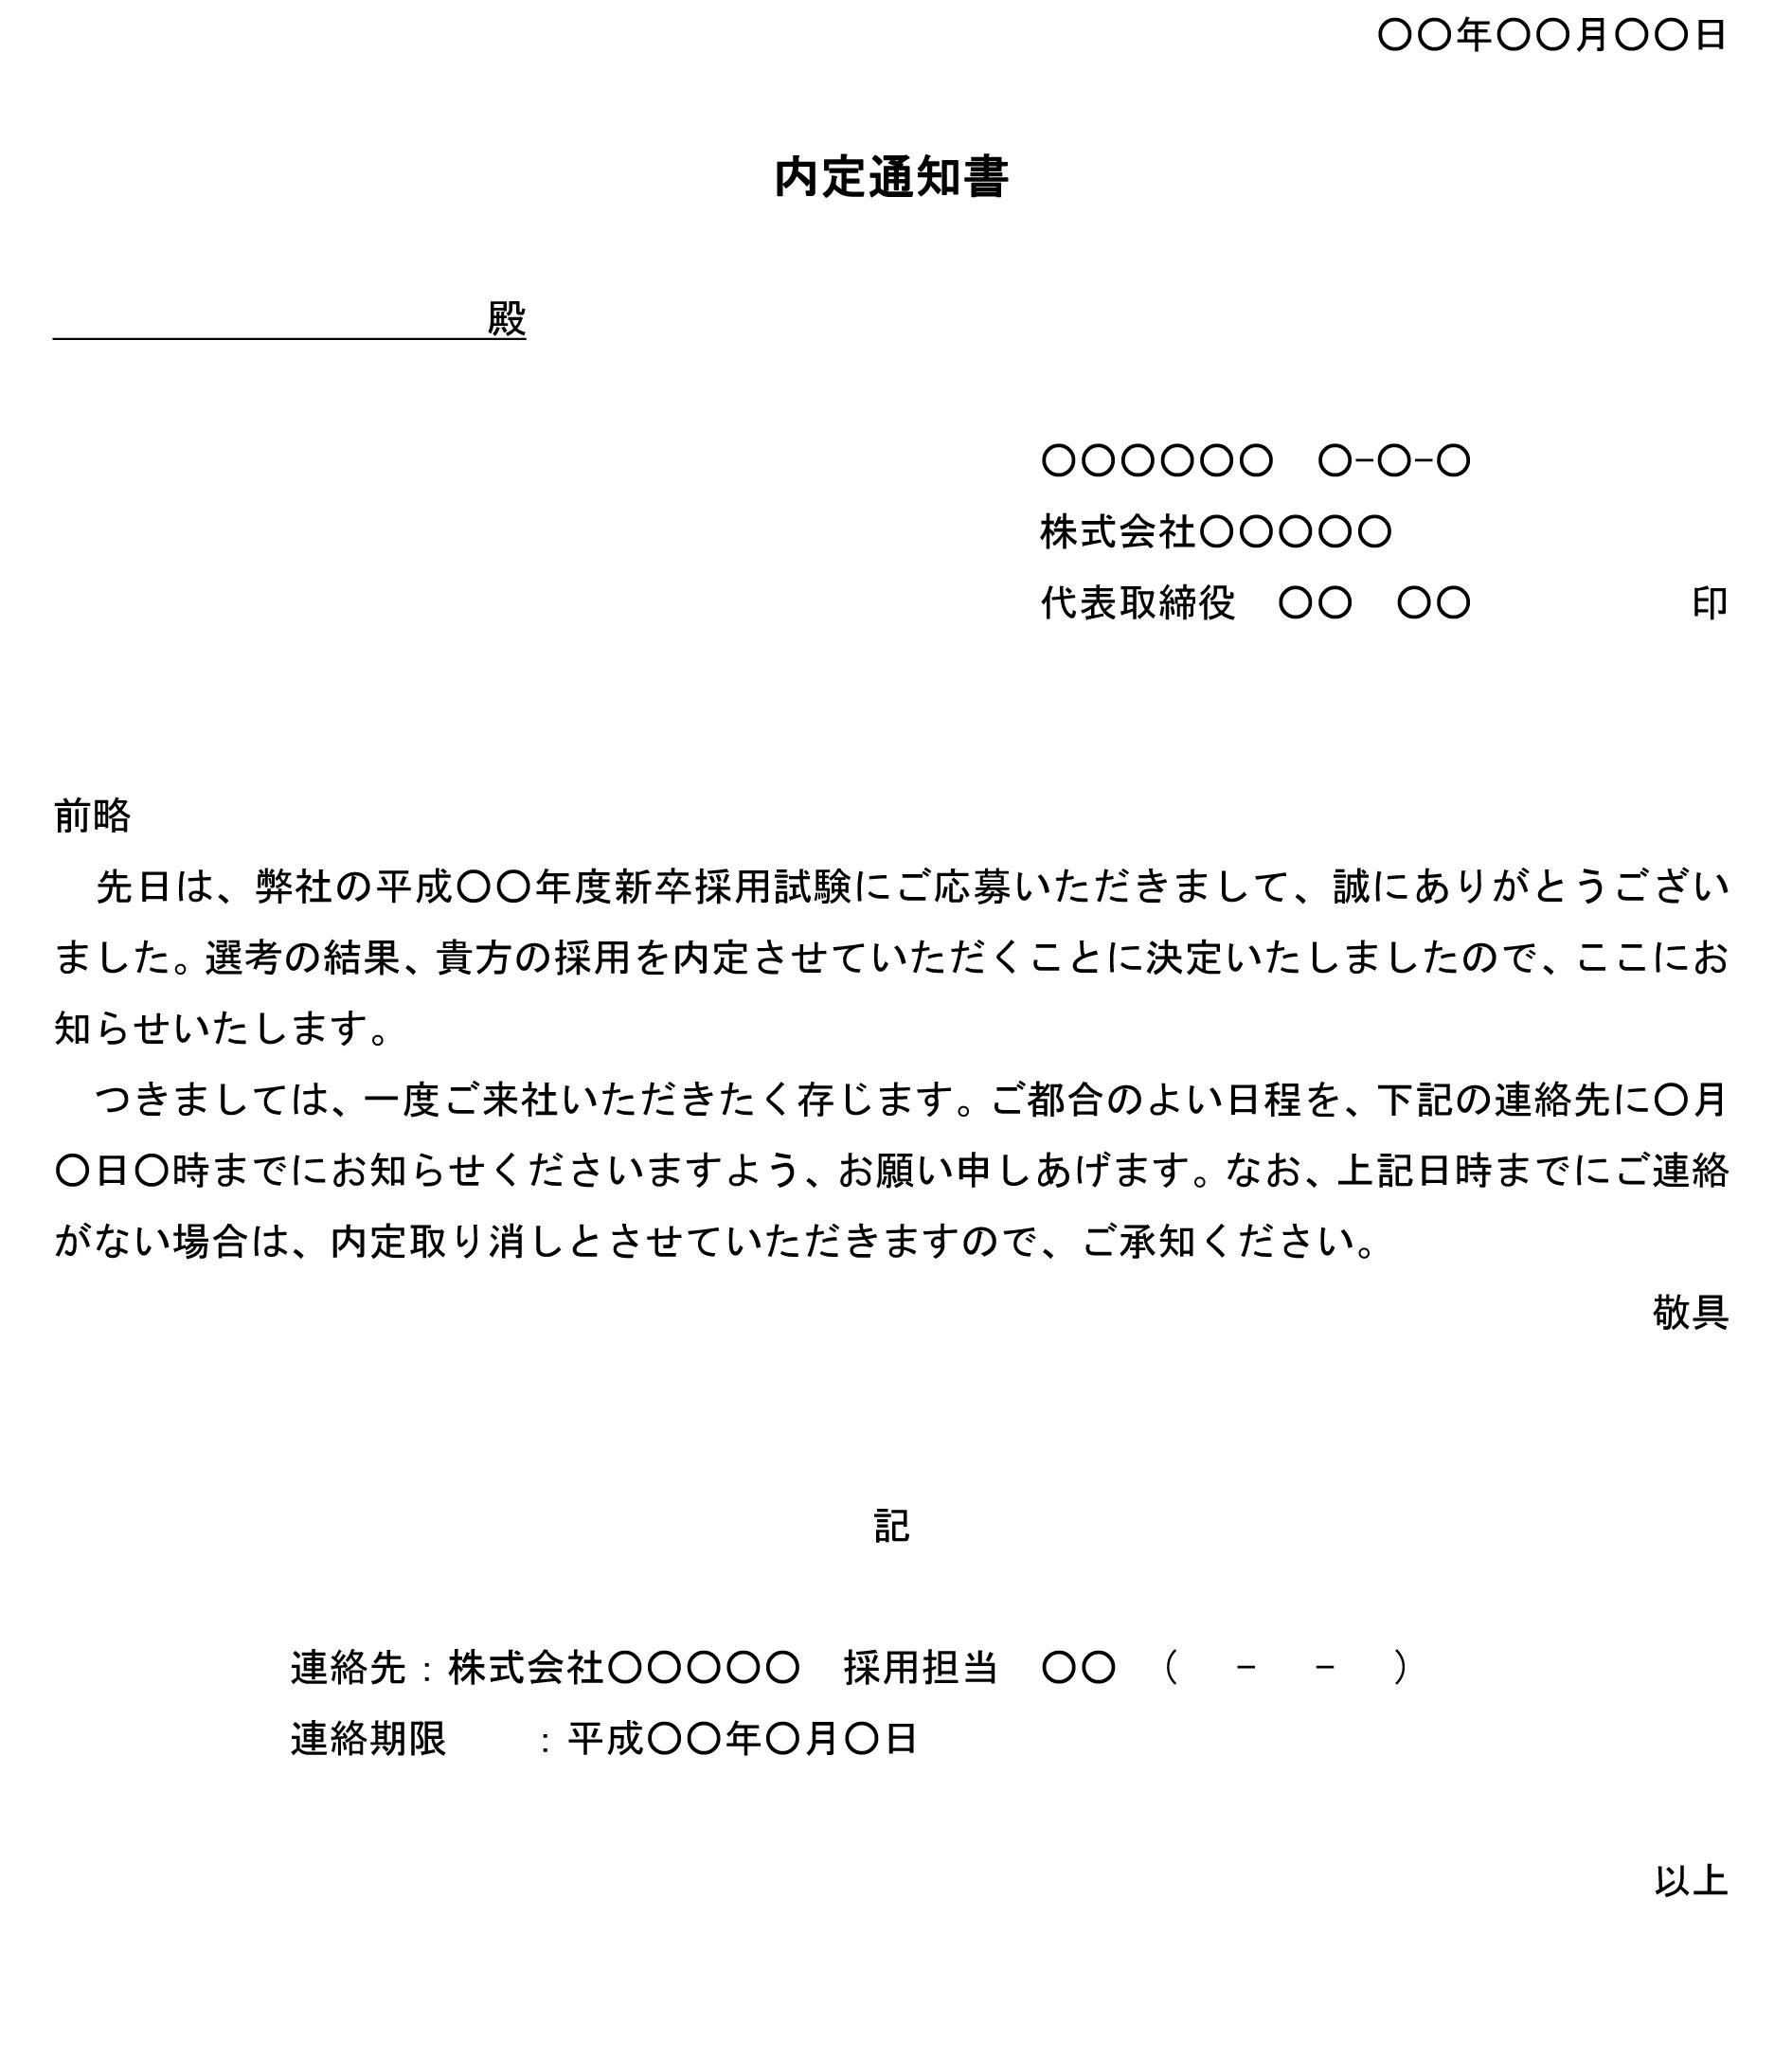 内定通知書(新卒採用試験)01